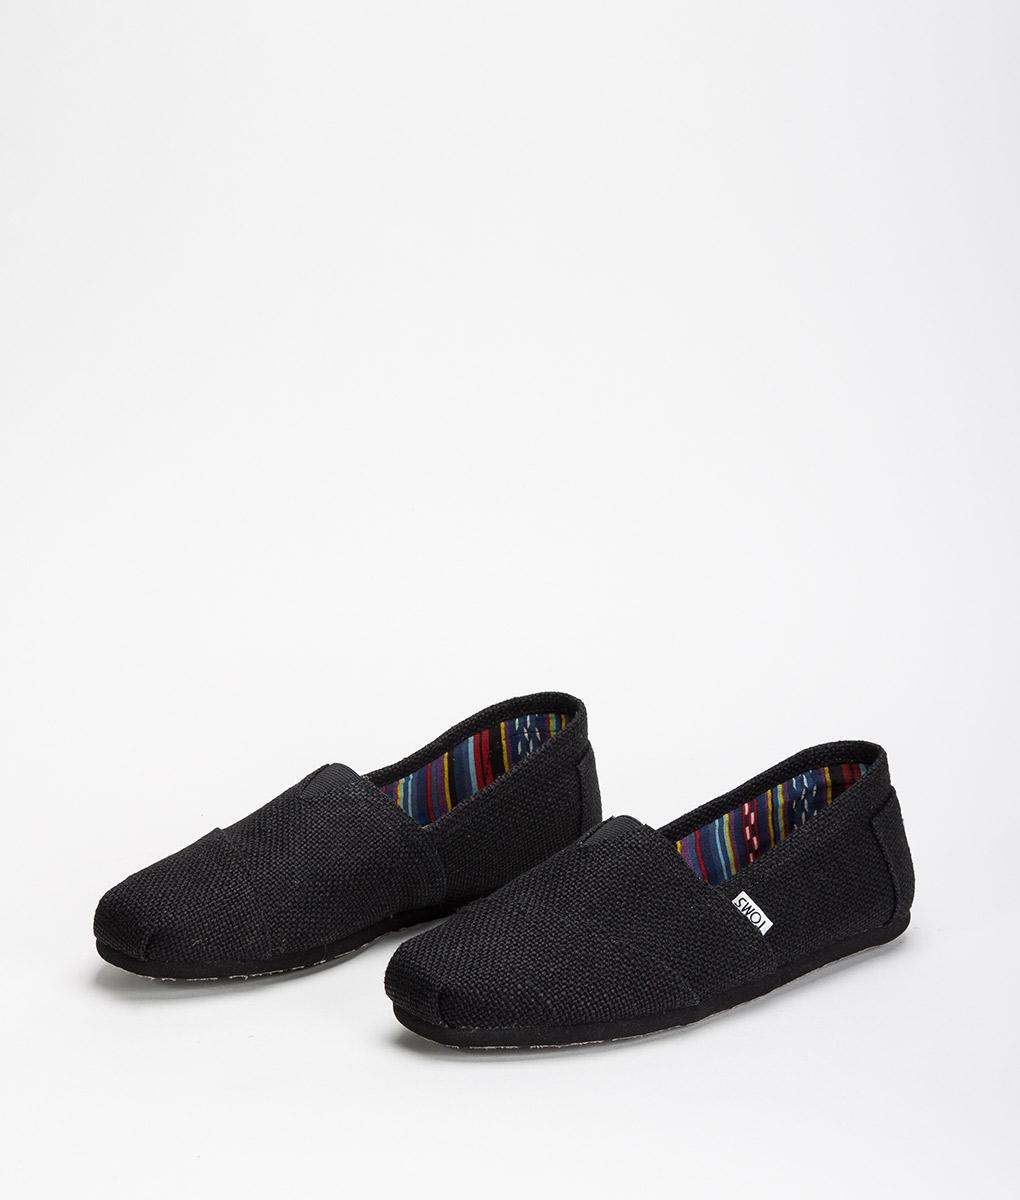 TOMS W 879 Burlaps Classic Black 49,99